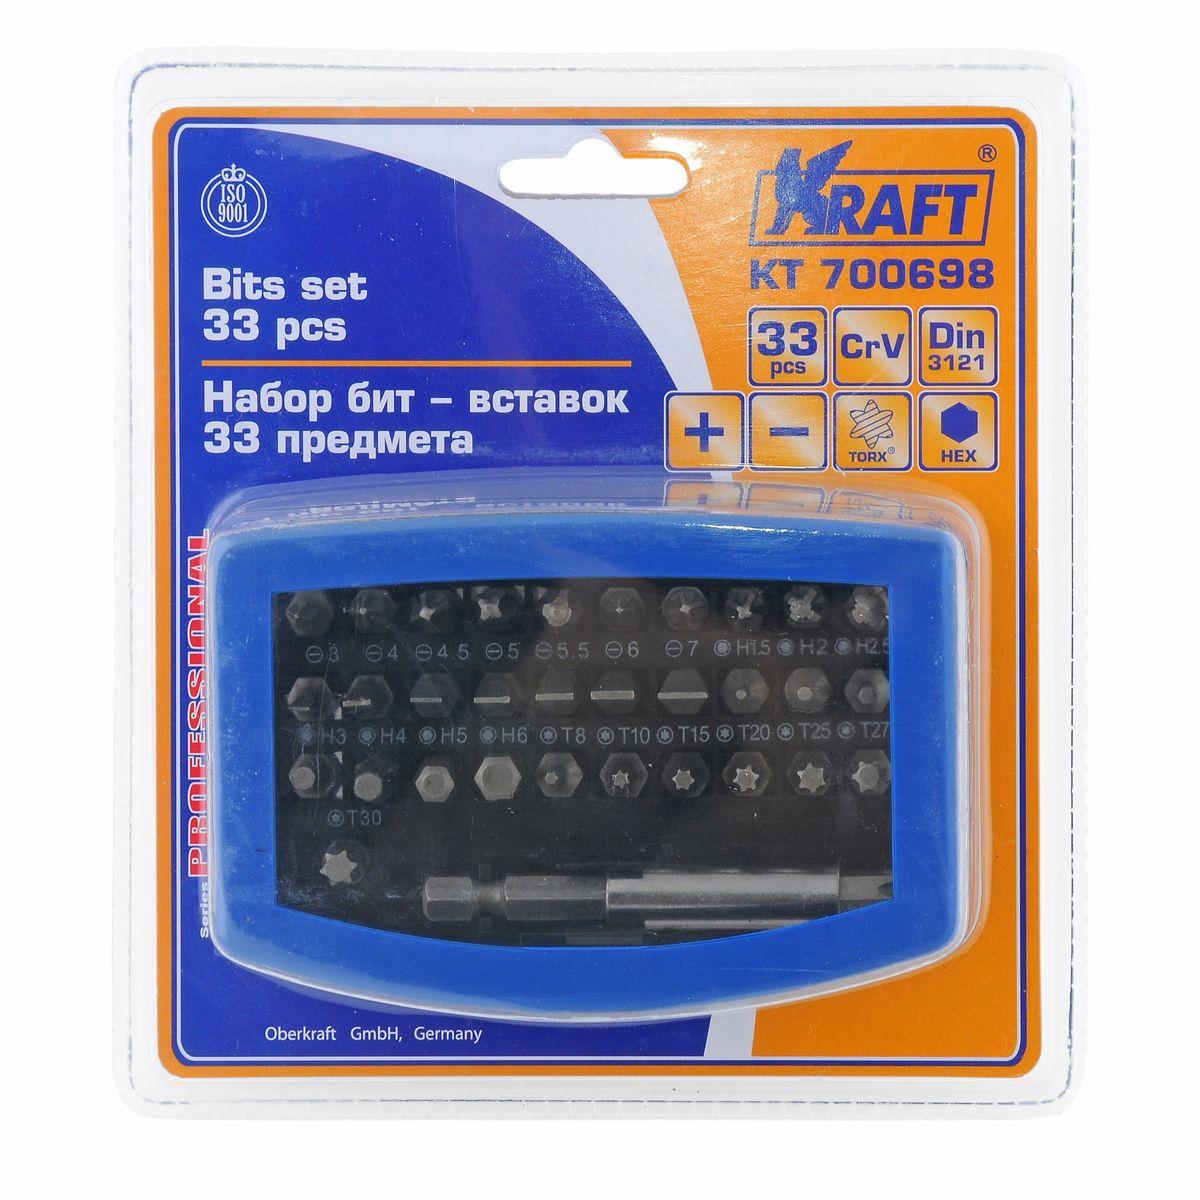 """Набор бит-вставок Kraft Professional, 33 предметаКТ700698В набор Kraft Professional входят бит-вставки: Torx: T8, T10, T15, T20, T25, T27, T30, T40; Hex: 1,5, H2, H2,5, H3, H4, H5, H6; шлицевые: Sl3, Sl4, Sl4,5, Sl5, Sl5,5, Sl6, Sl7; крестовые: Ph0, Ph1, Ph2, Ph3, Ph4, Pz0, Pz1, Pz2, Pz3, Pz4; держатель бит 5/16"""". Элементы набора Kraft Professional изготовлены из хромованадиевой стали марки 50BV30 со специальным трехслойным покрытием, обеспечивающим долговременную защиту от механических повреждений."""